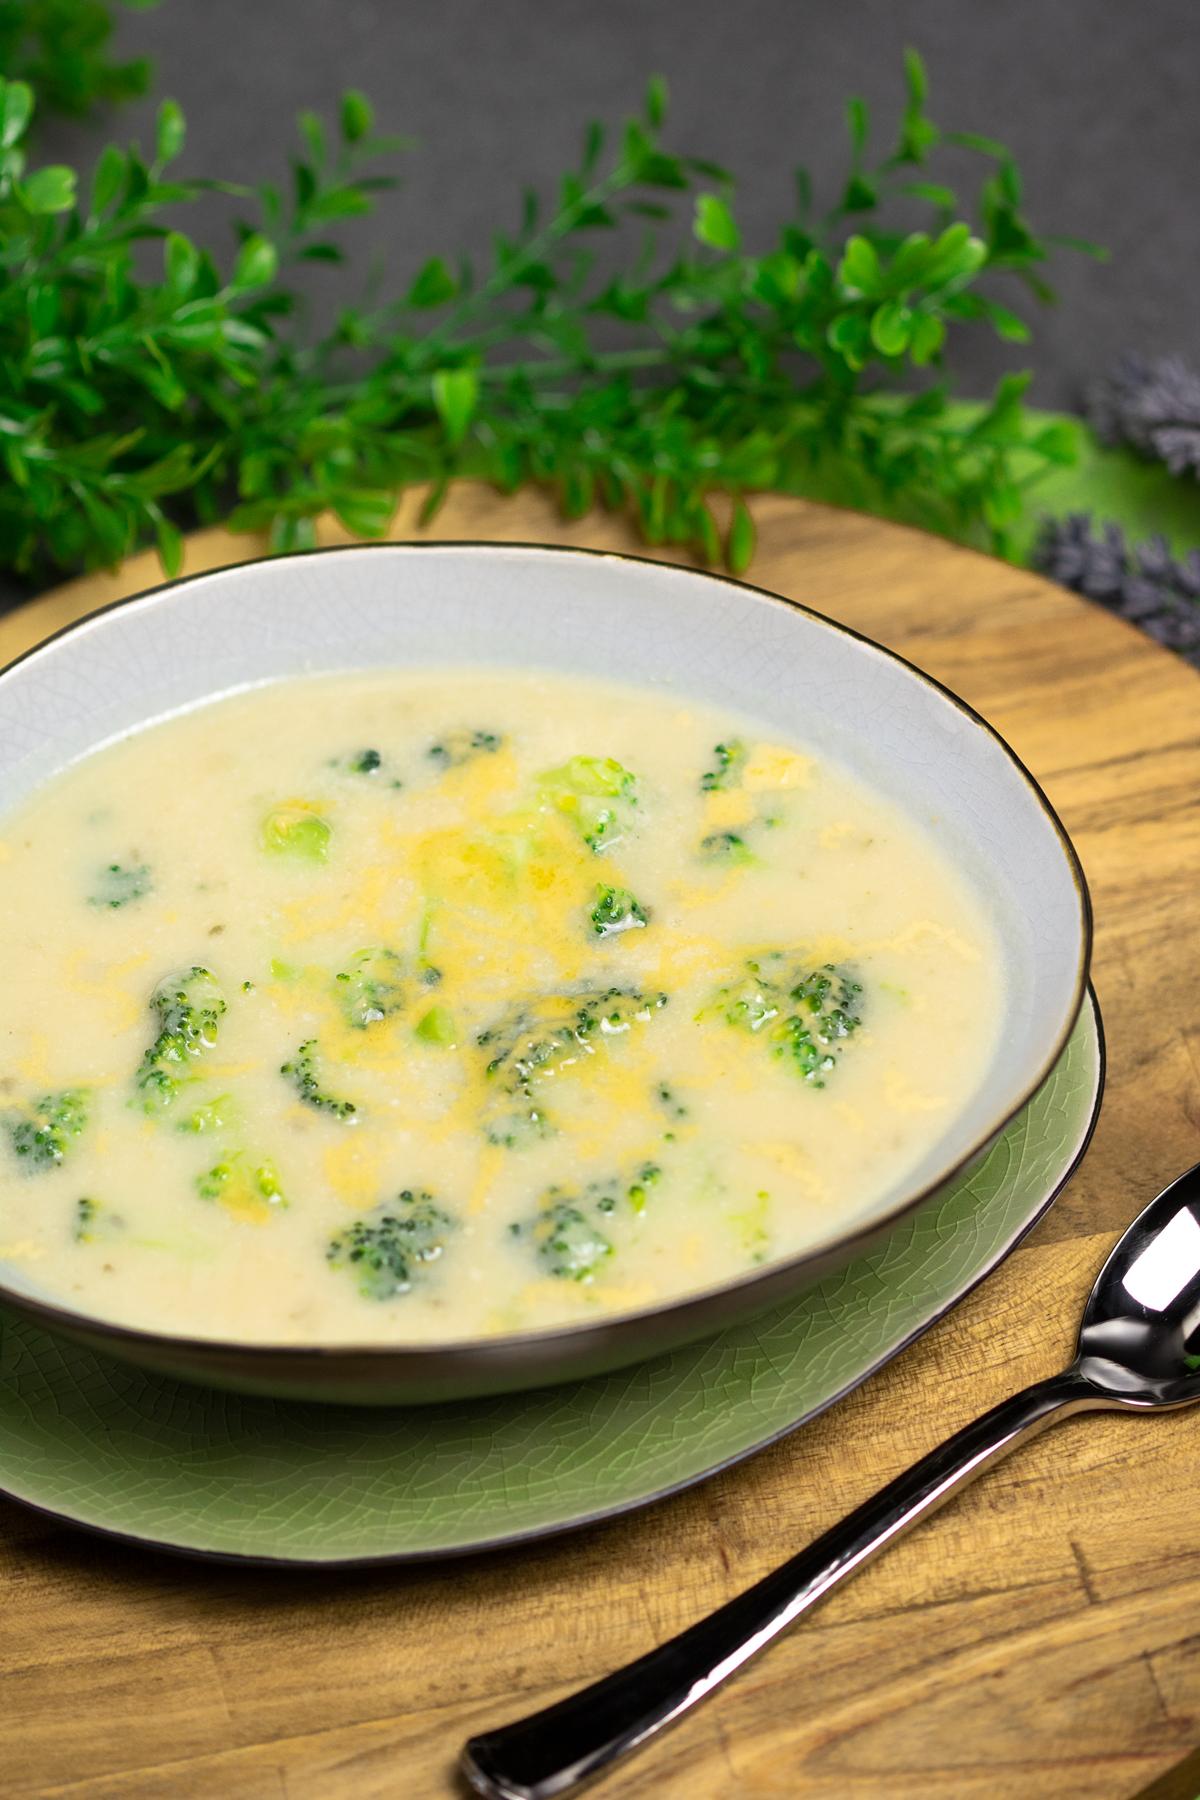 Die Brokkoli-Cheddar-Suppe ist eine leckere Low Carb, Keto geeignete Suppe die zudem auch noch glutenfrei ist. Das Rezept ist perfekt für den Winter und schmeckt einfach großartig.